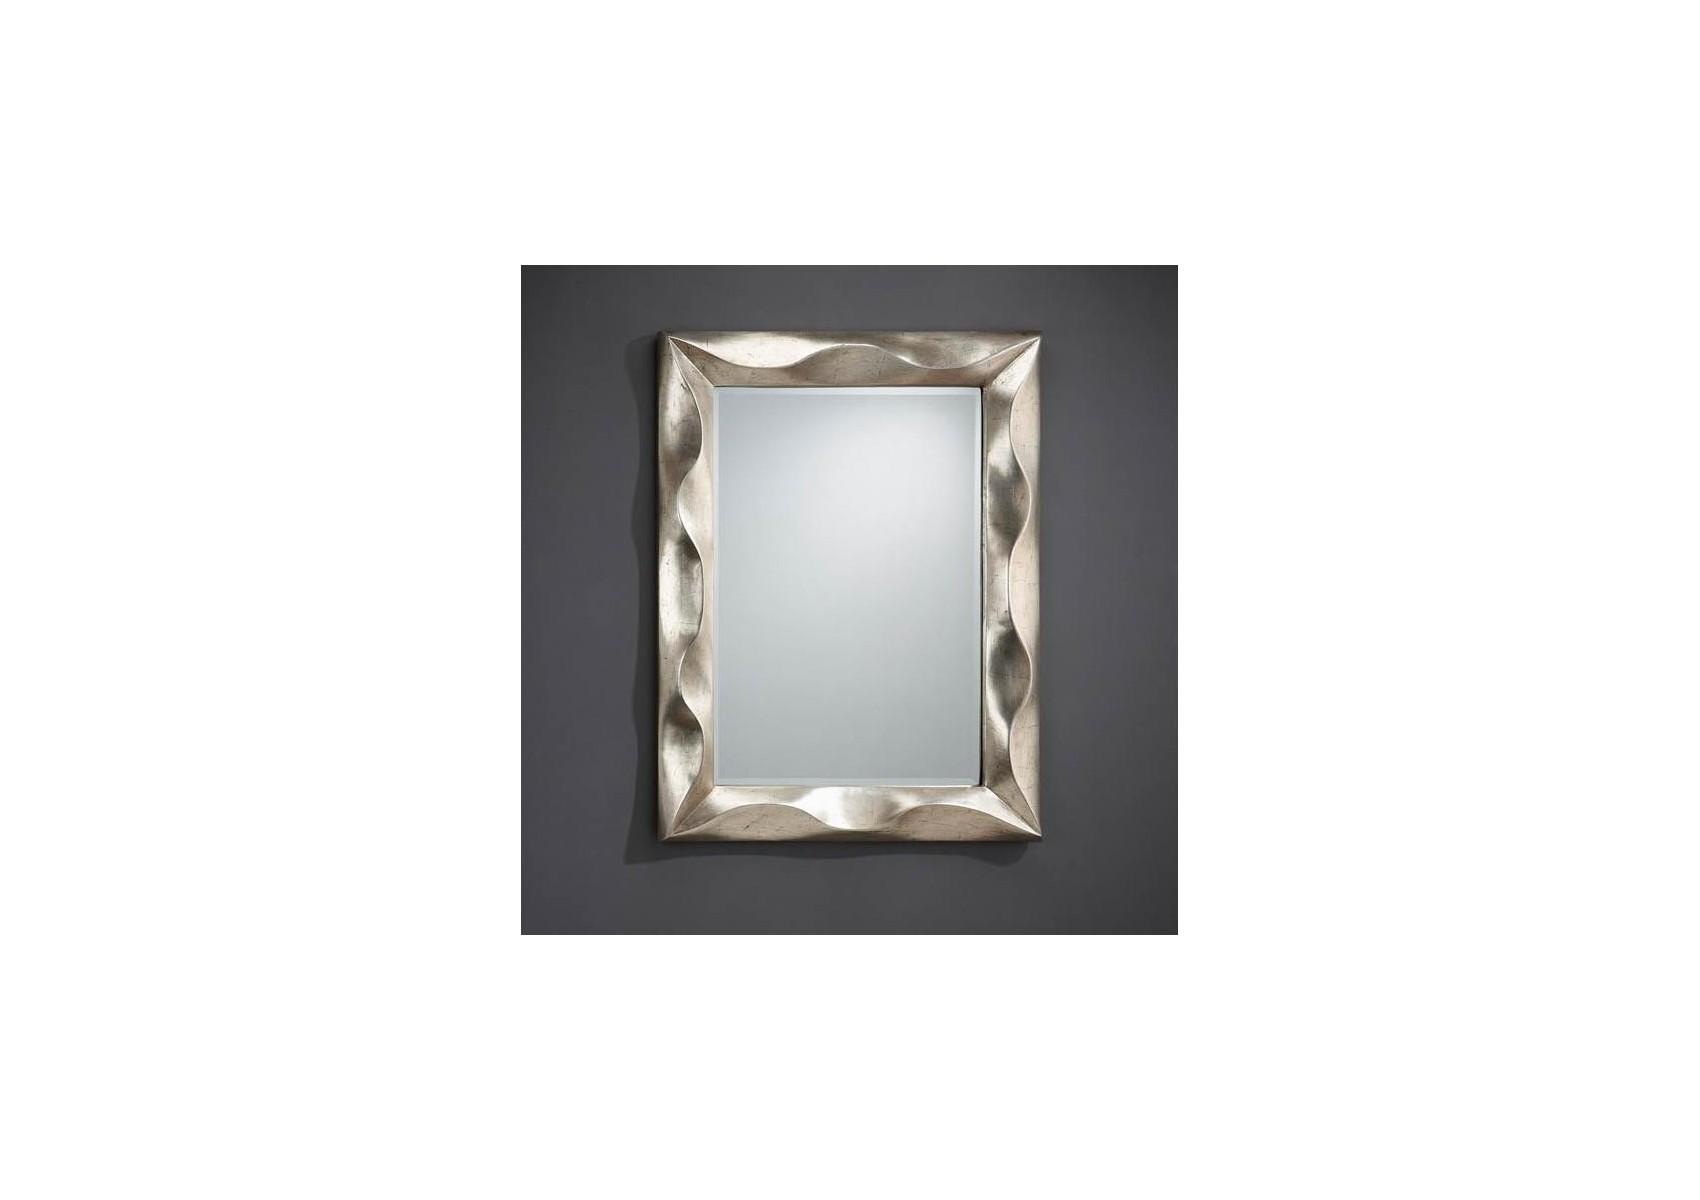 Miroir original design rectangulaire - ALBORAN - deco schuller